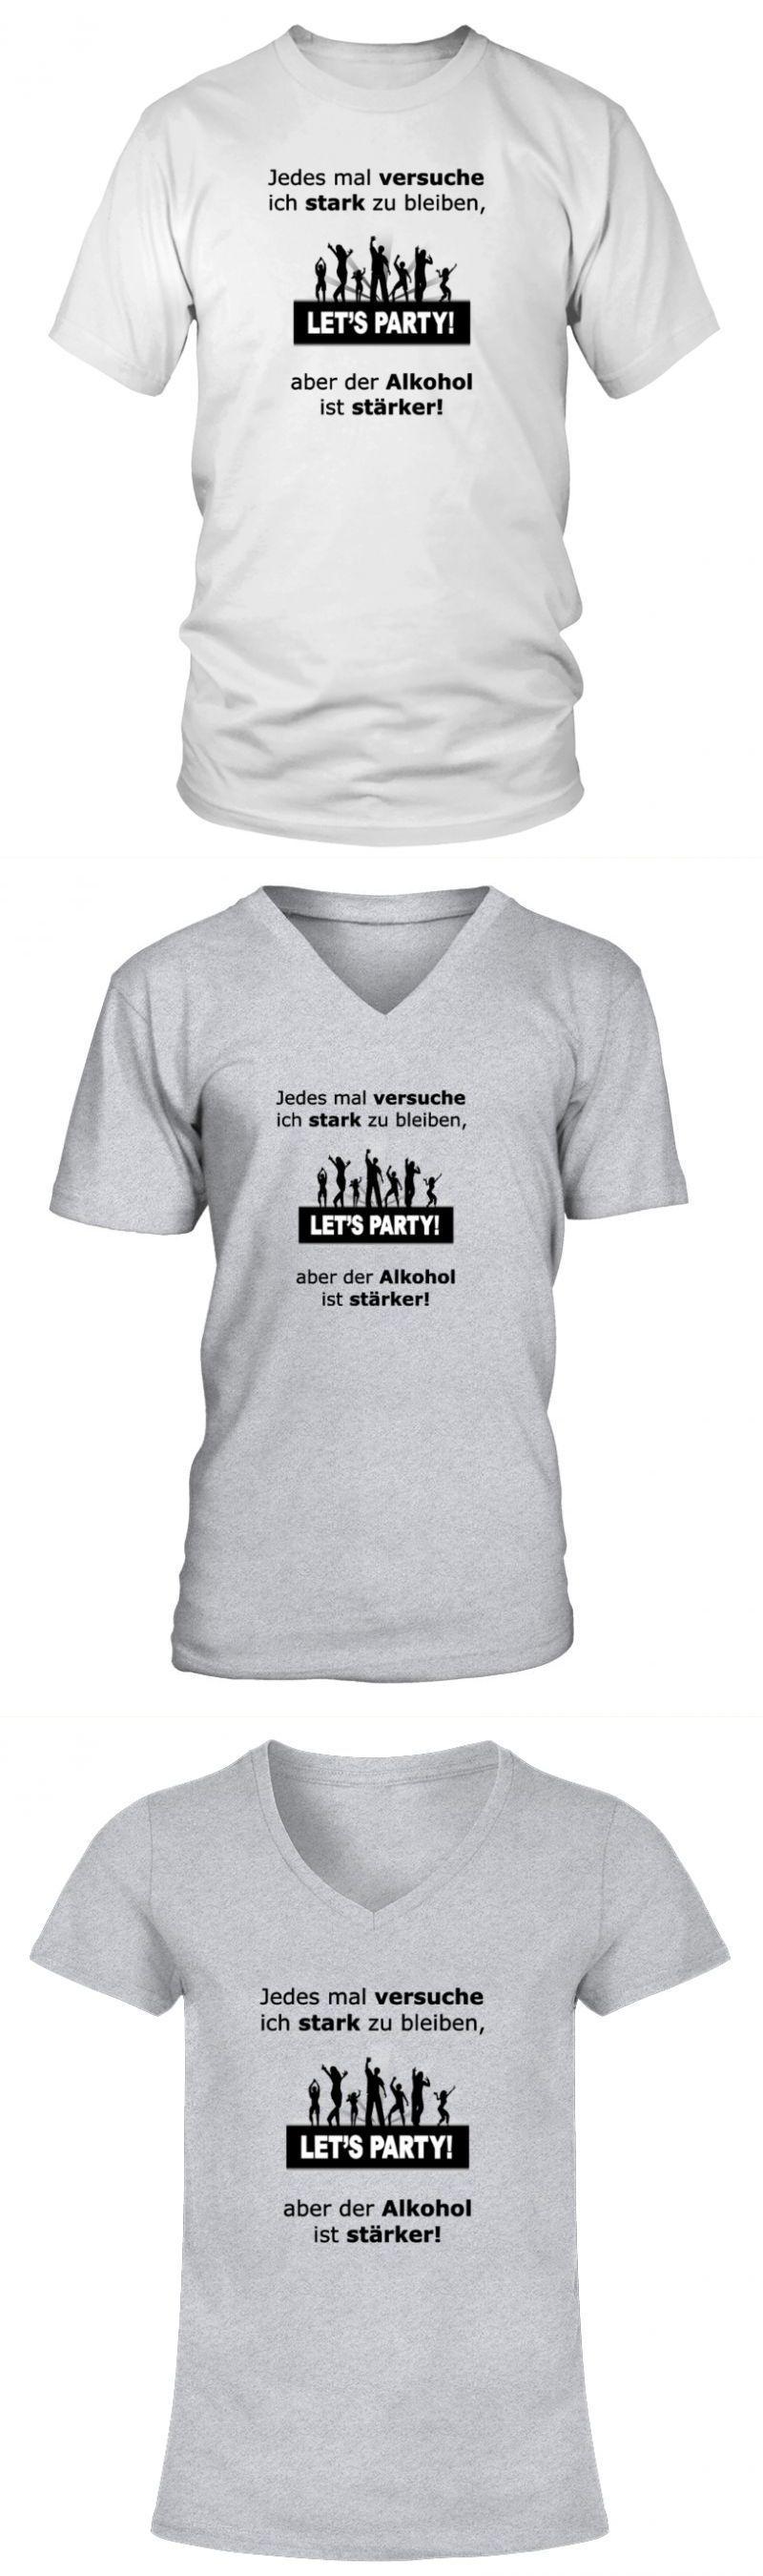 Let S Party Alkohol Spass Tanzen Freunde Oktoberfest T Shirt Damen Gunstig Shirt Designs Shirts T Shirt